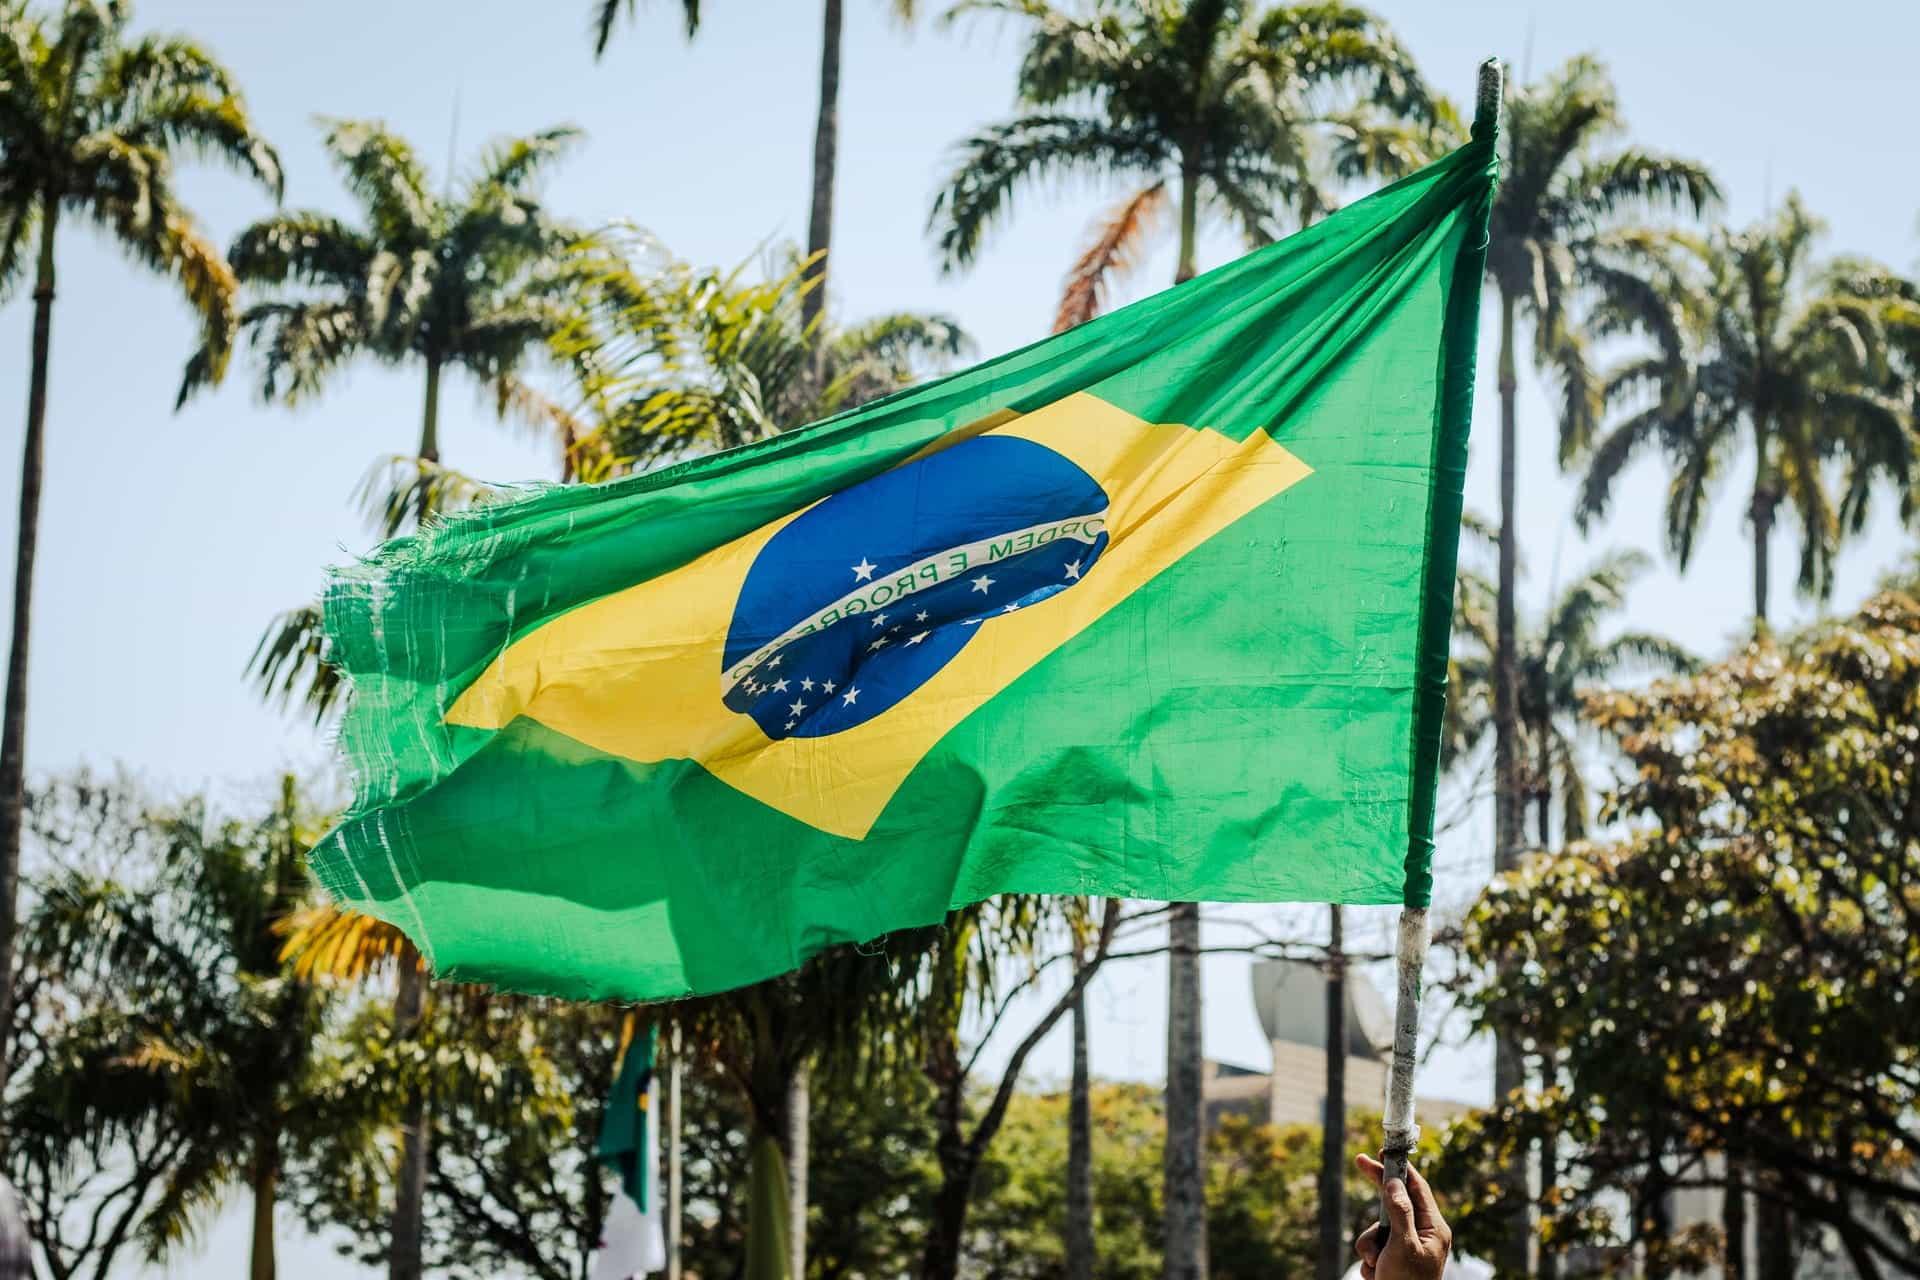 Bendera Brasil melambai tertiup angin di depan pohon palem dan langit biru.